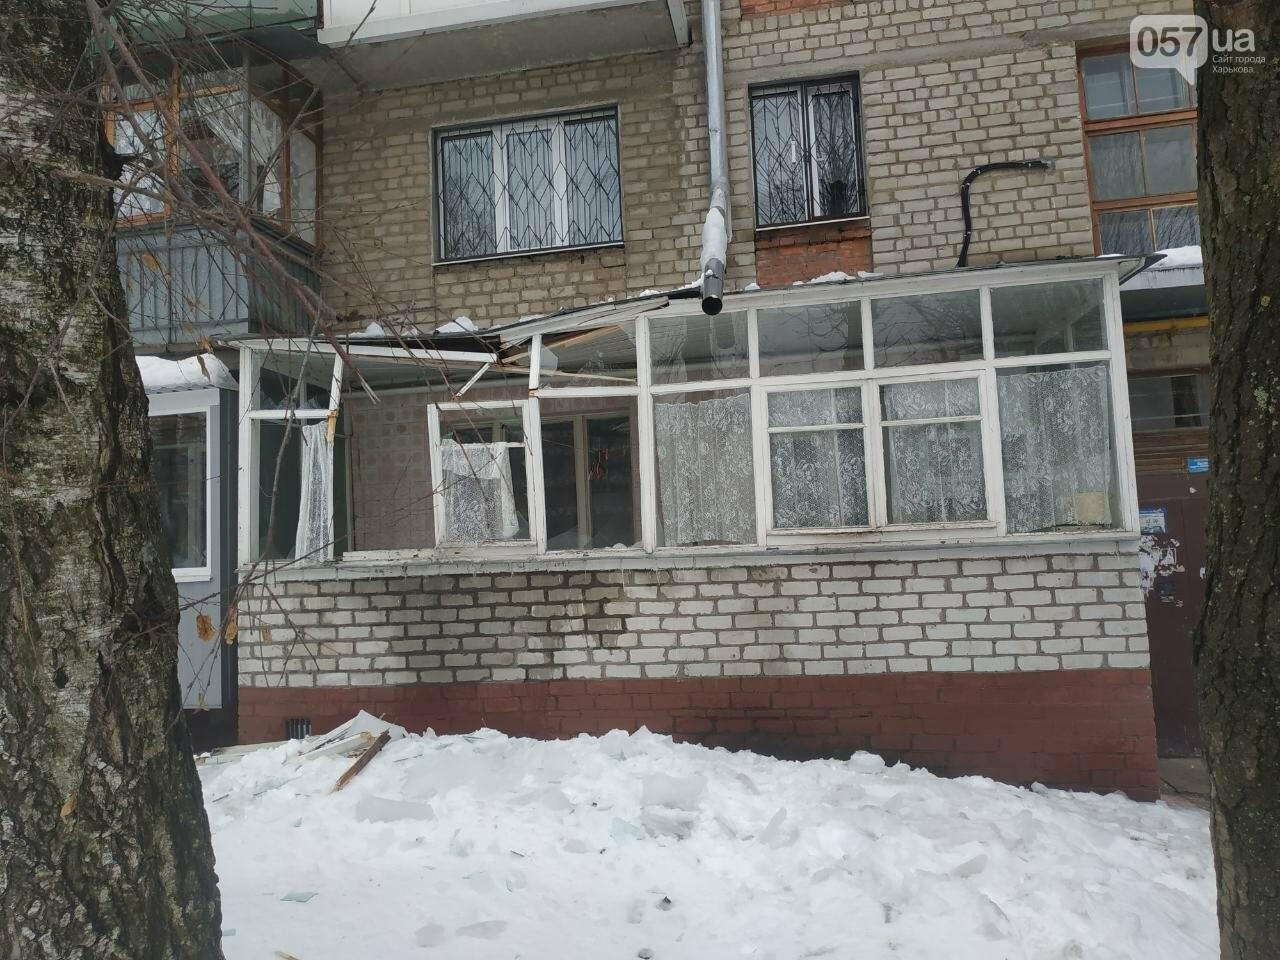 На Новых домах упавшая глыба льда разнесла балкон квартиры пенсионерки, - ФОТО, фото-2